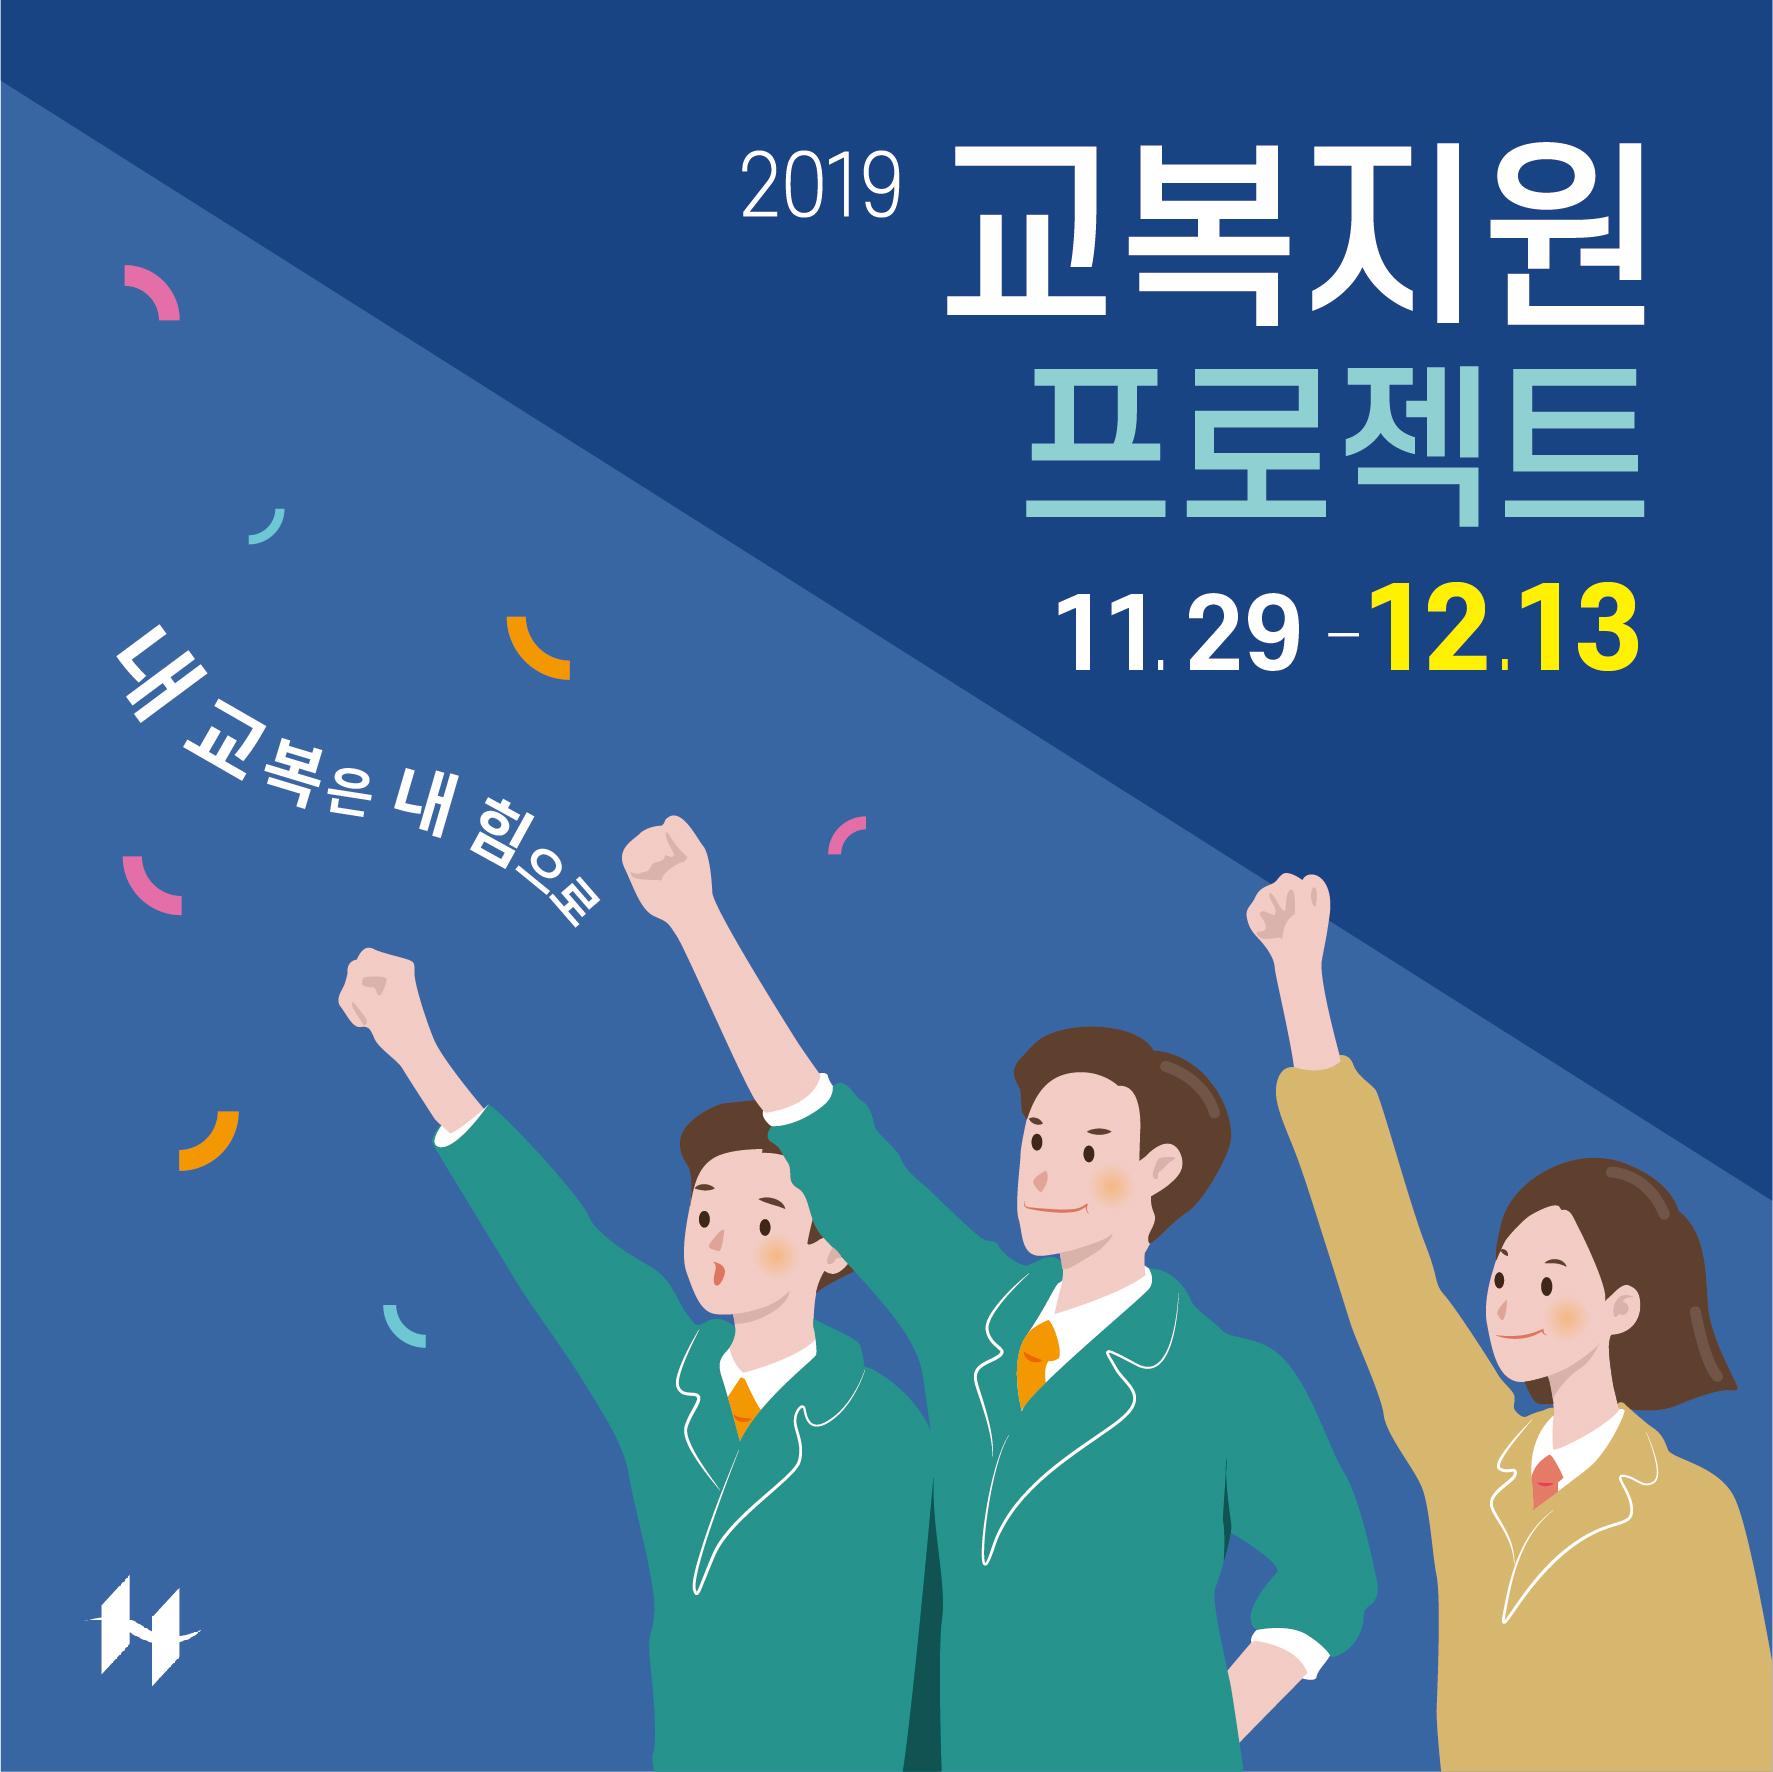 [협성문화재단] 2019 협성 교복지원프로젝트 5기 선발 공모